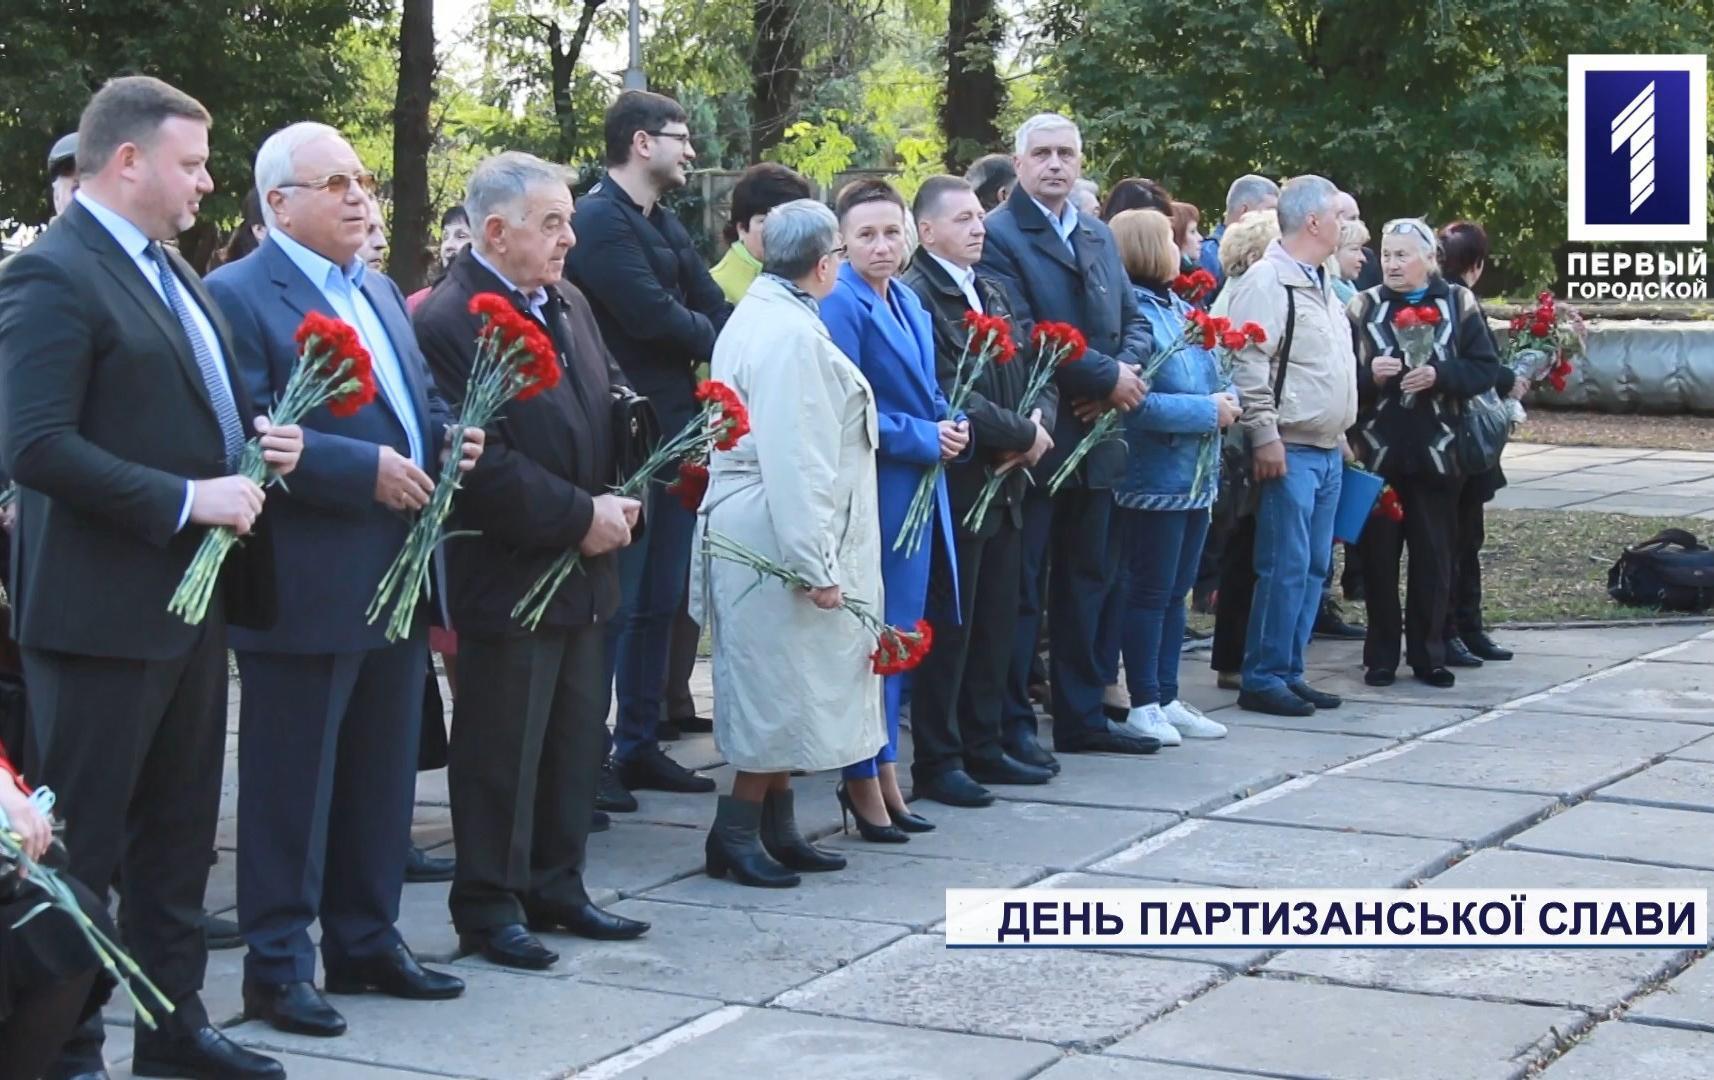 Мешканці Кривого Рогу вшанували пам'ять підпільників